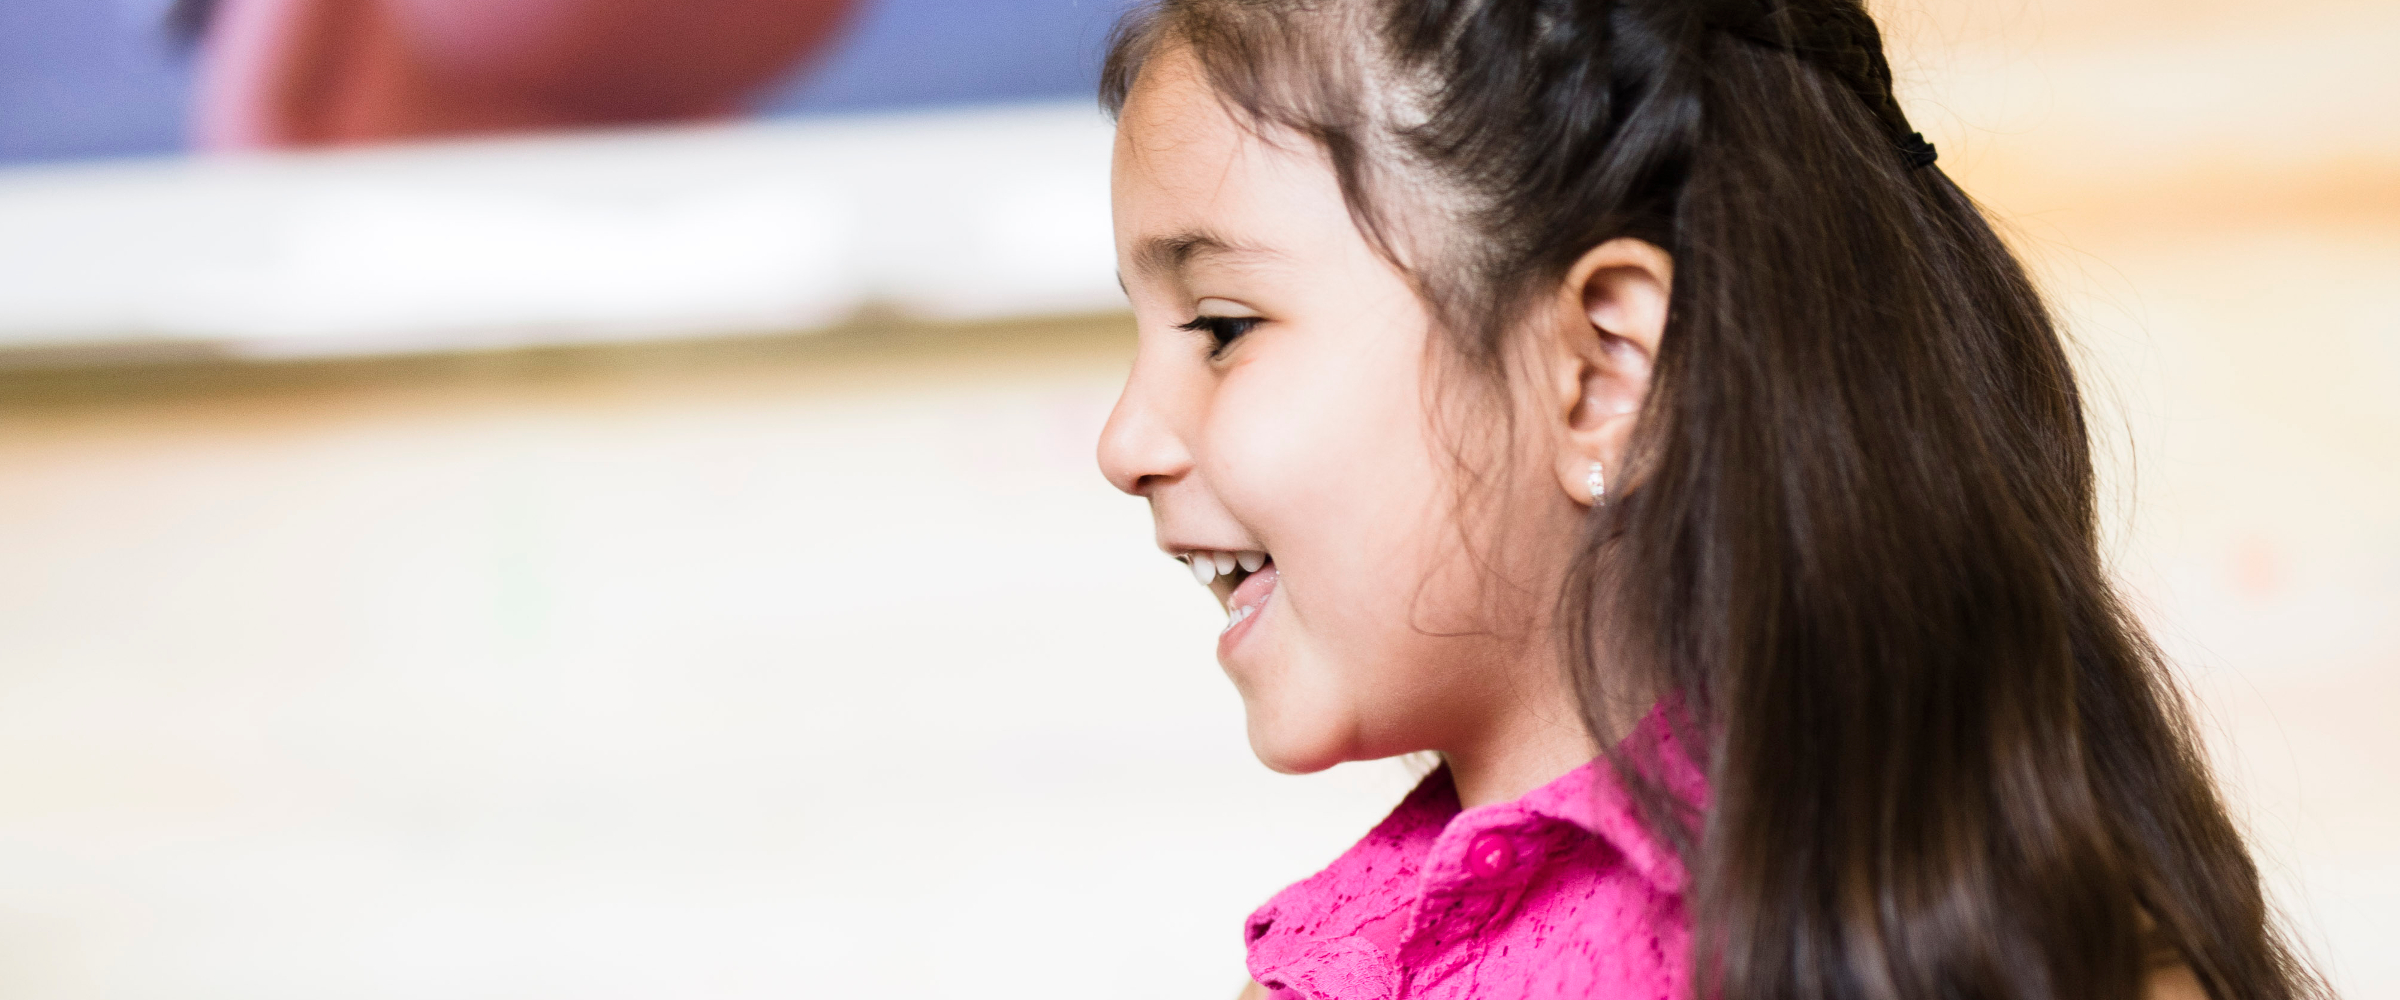 Fröhliches Kind in der Zahnarztpraxis für Kieferorthopädie, Köln